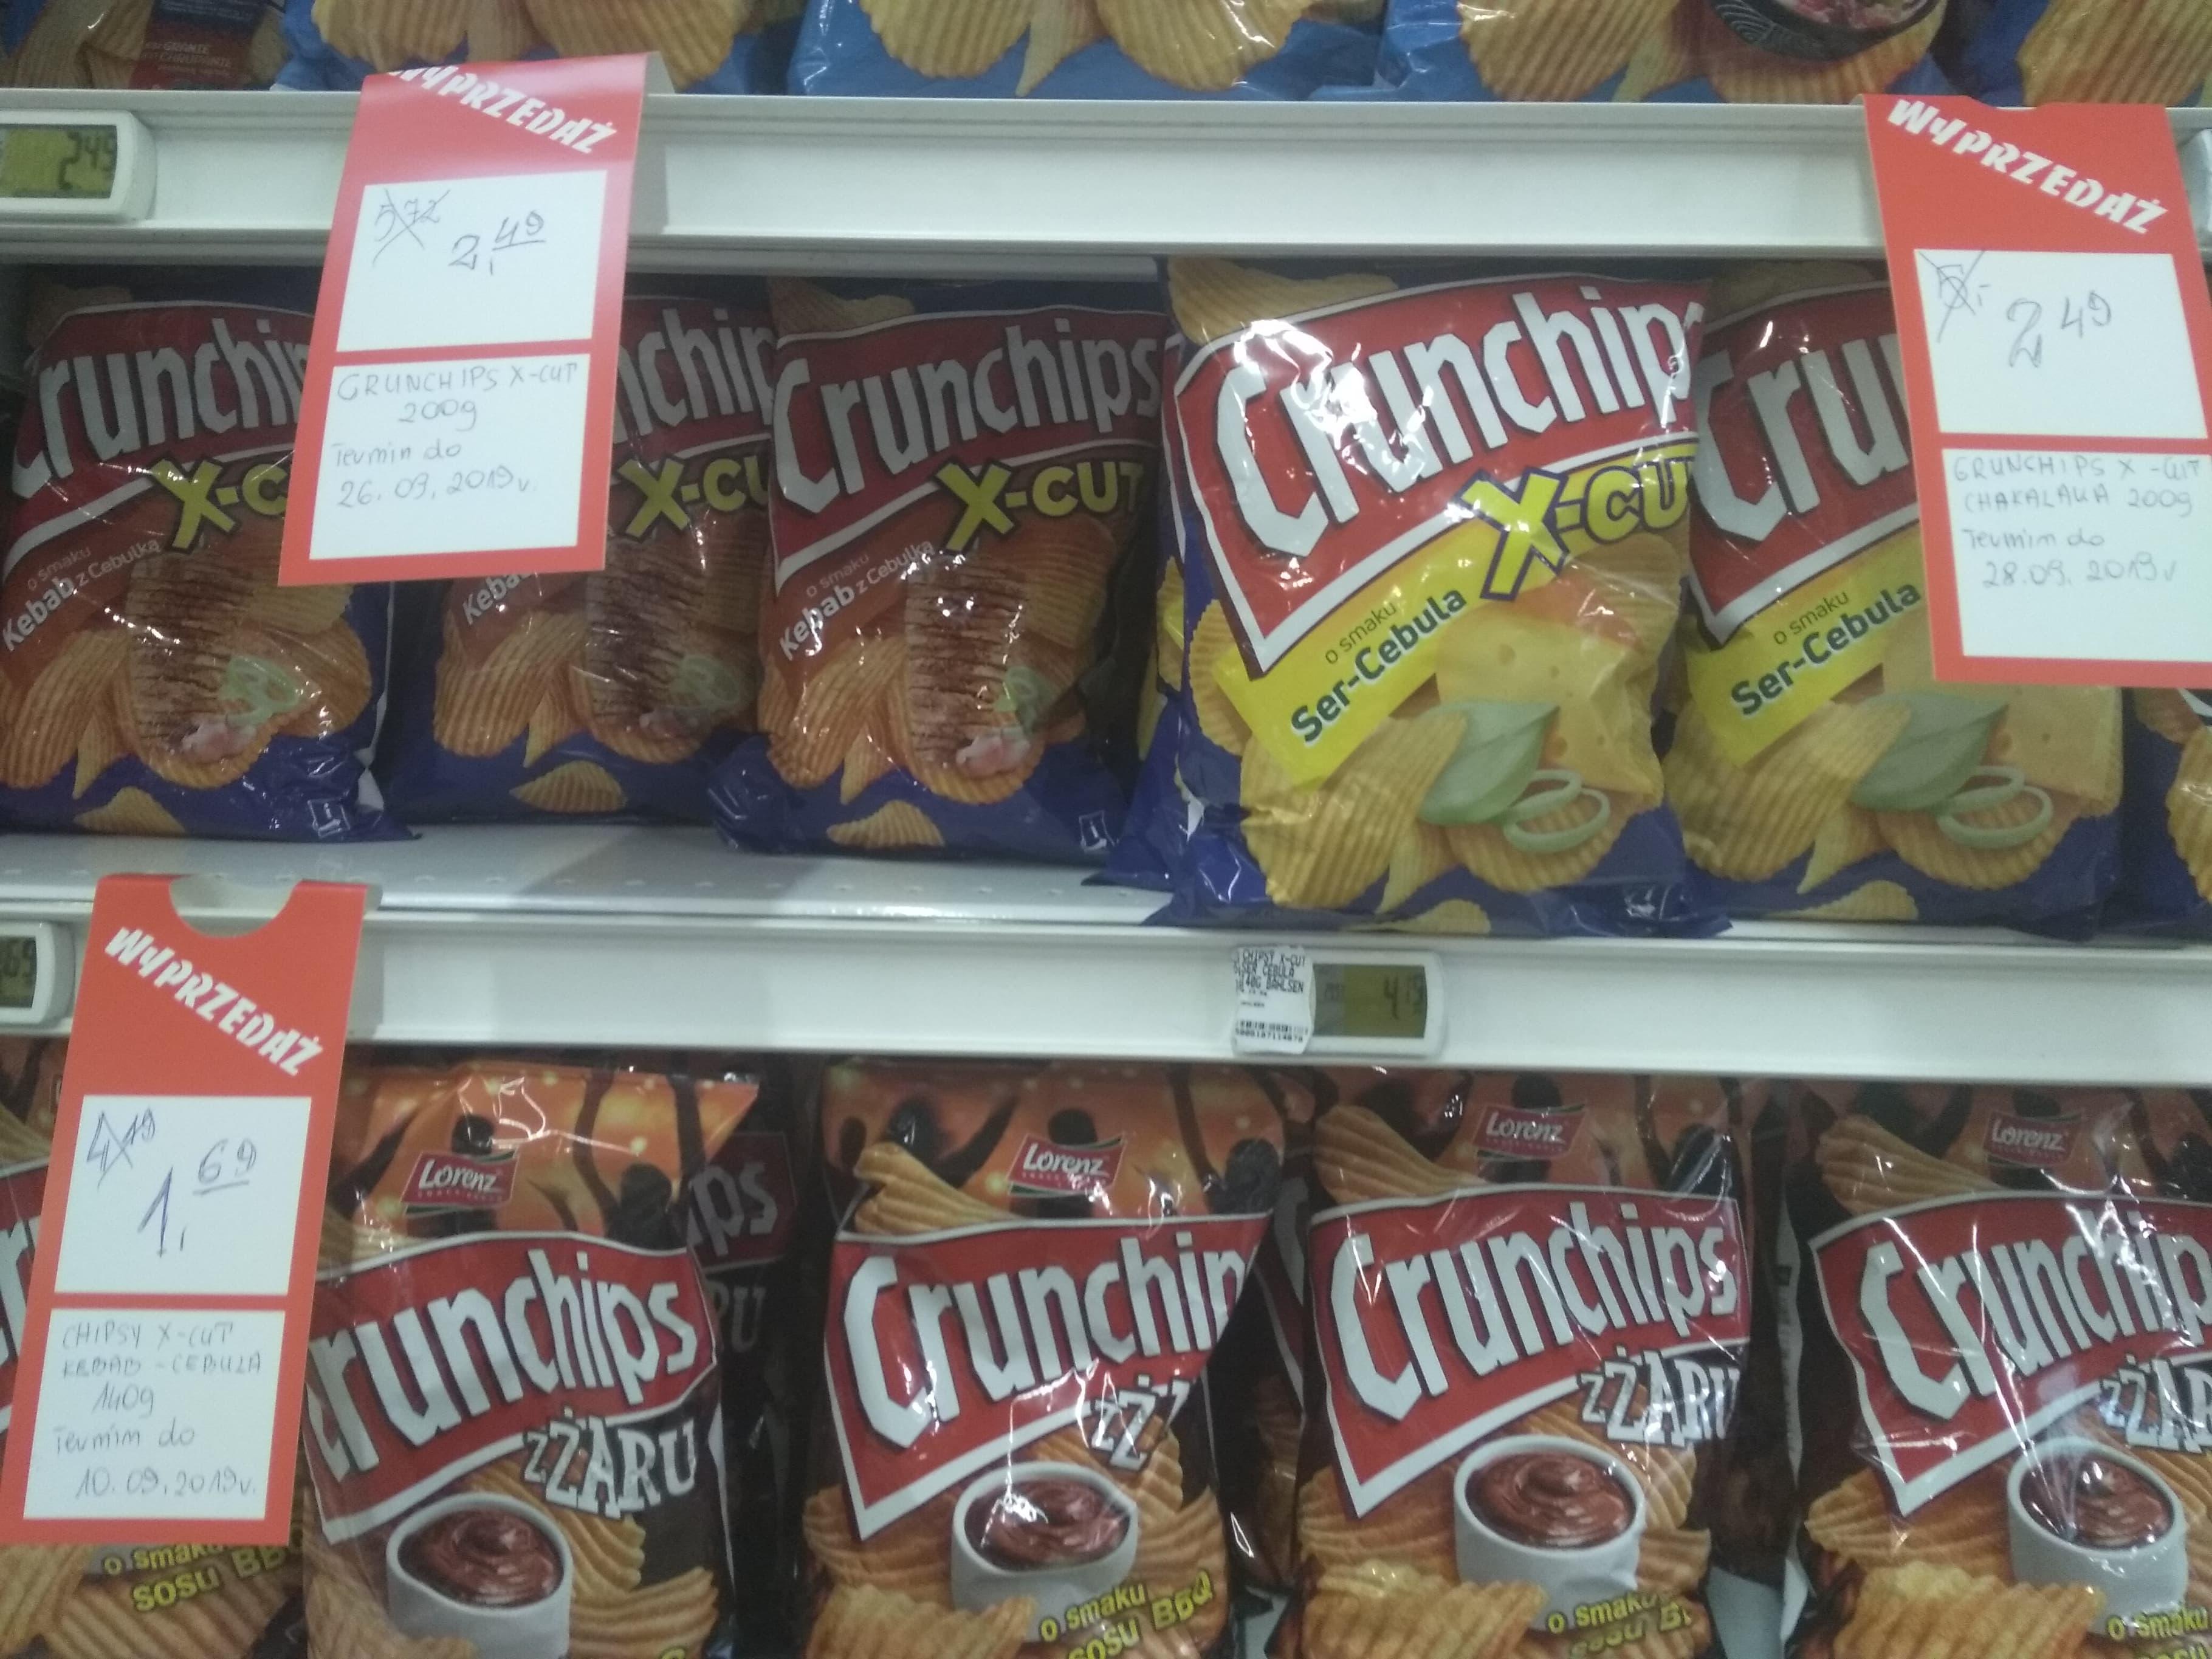 Crunchips X-Cut Lublin wybrane smaki(koniec terminu ważności)